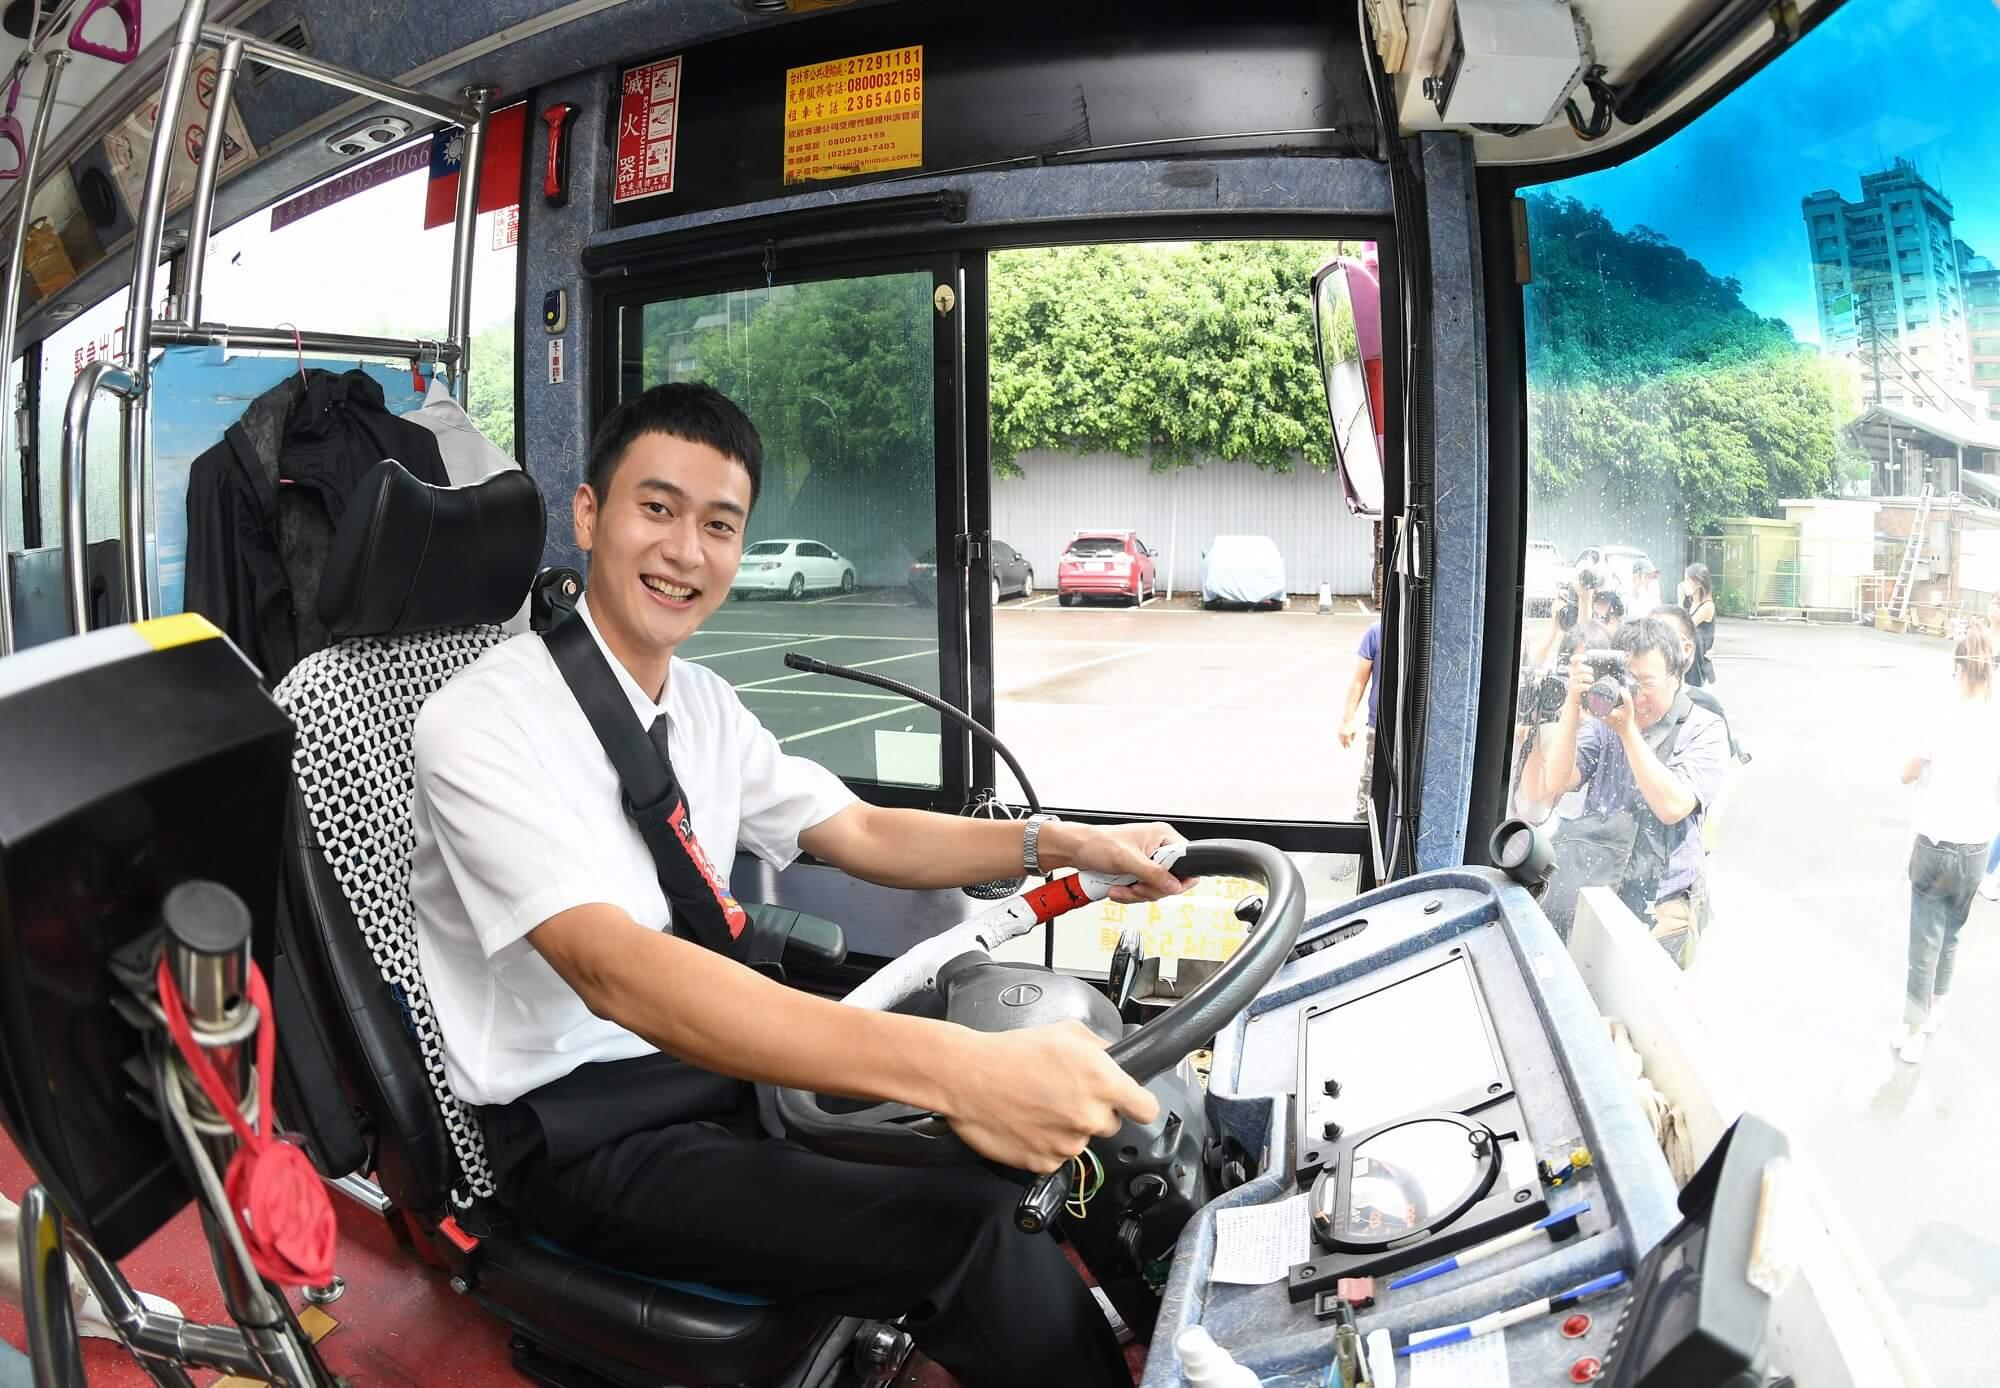 《消失的情人节》刘冠廷狂贴公车司机偷看 重拾方向盘:我去上班啰! - 收藏派